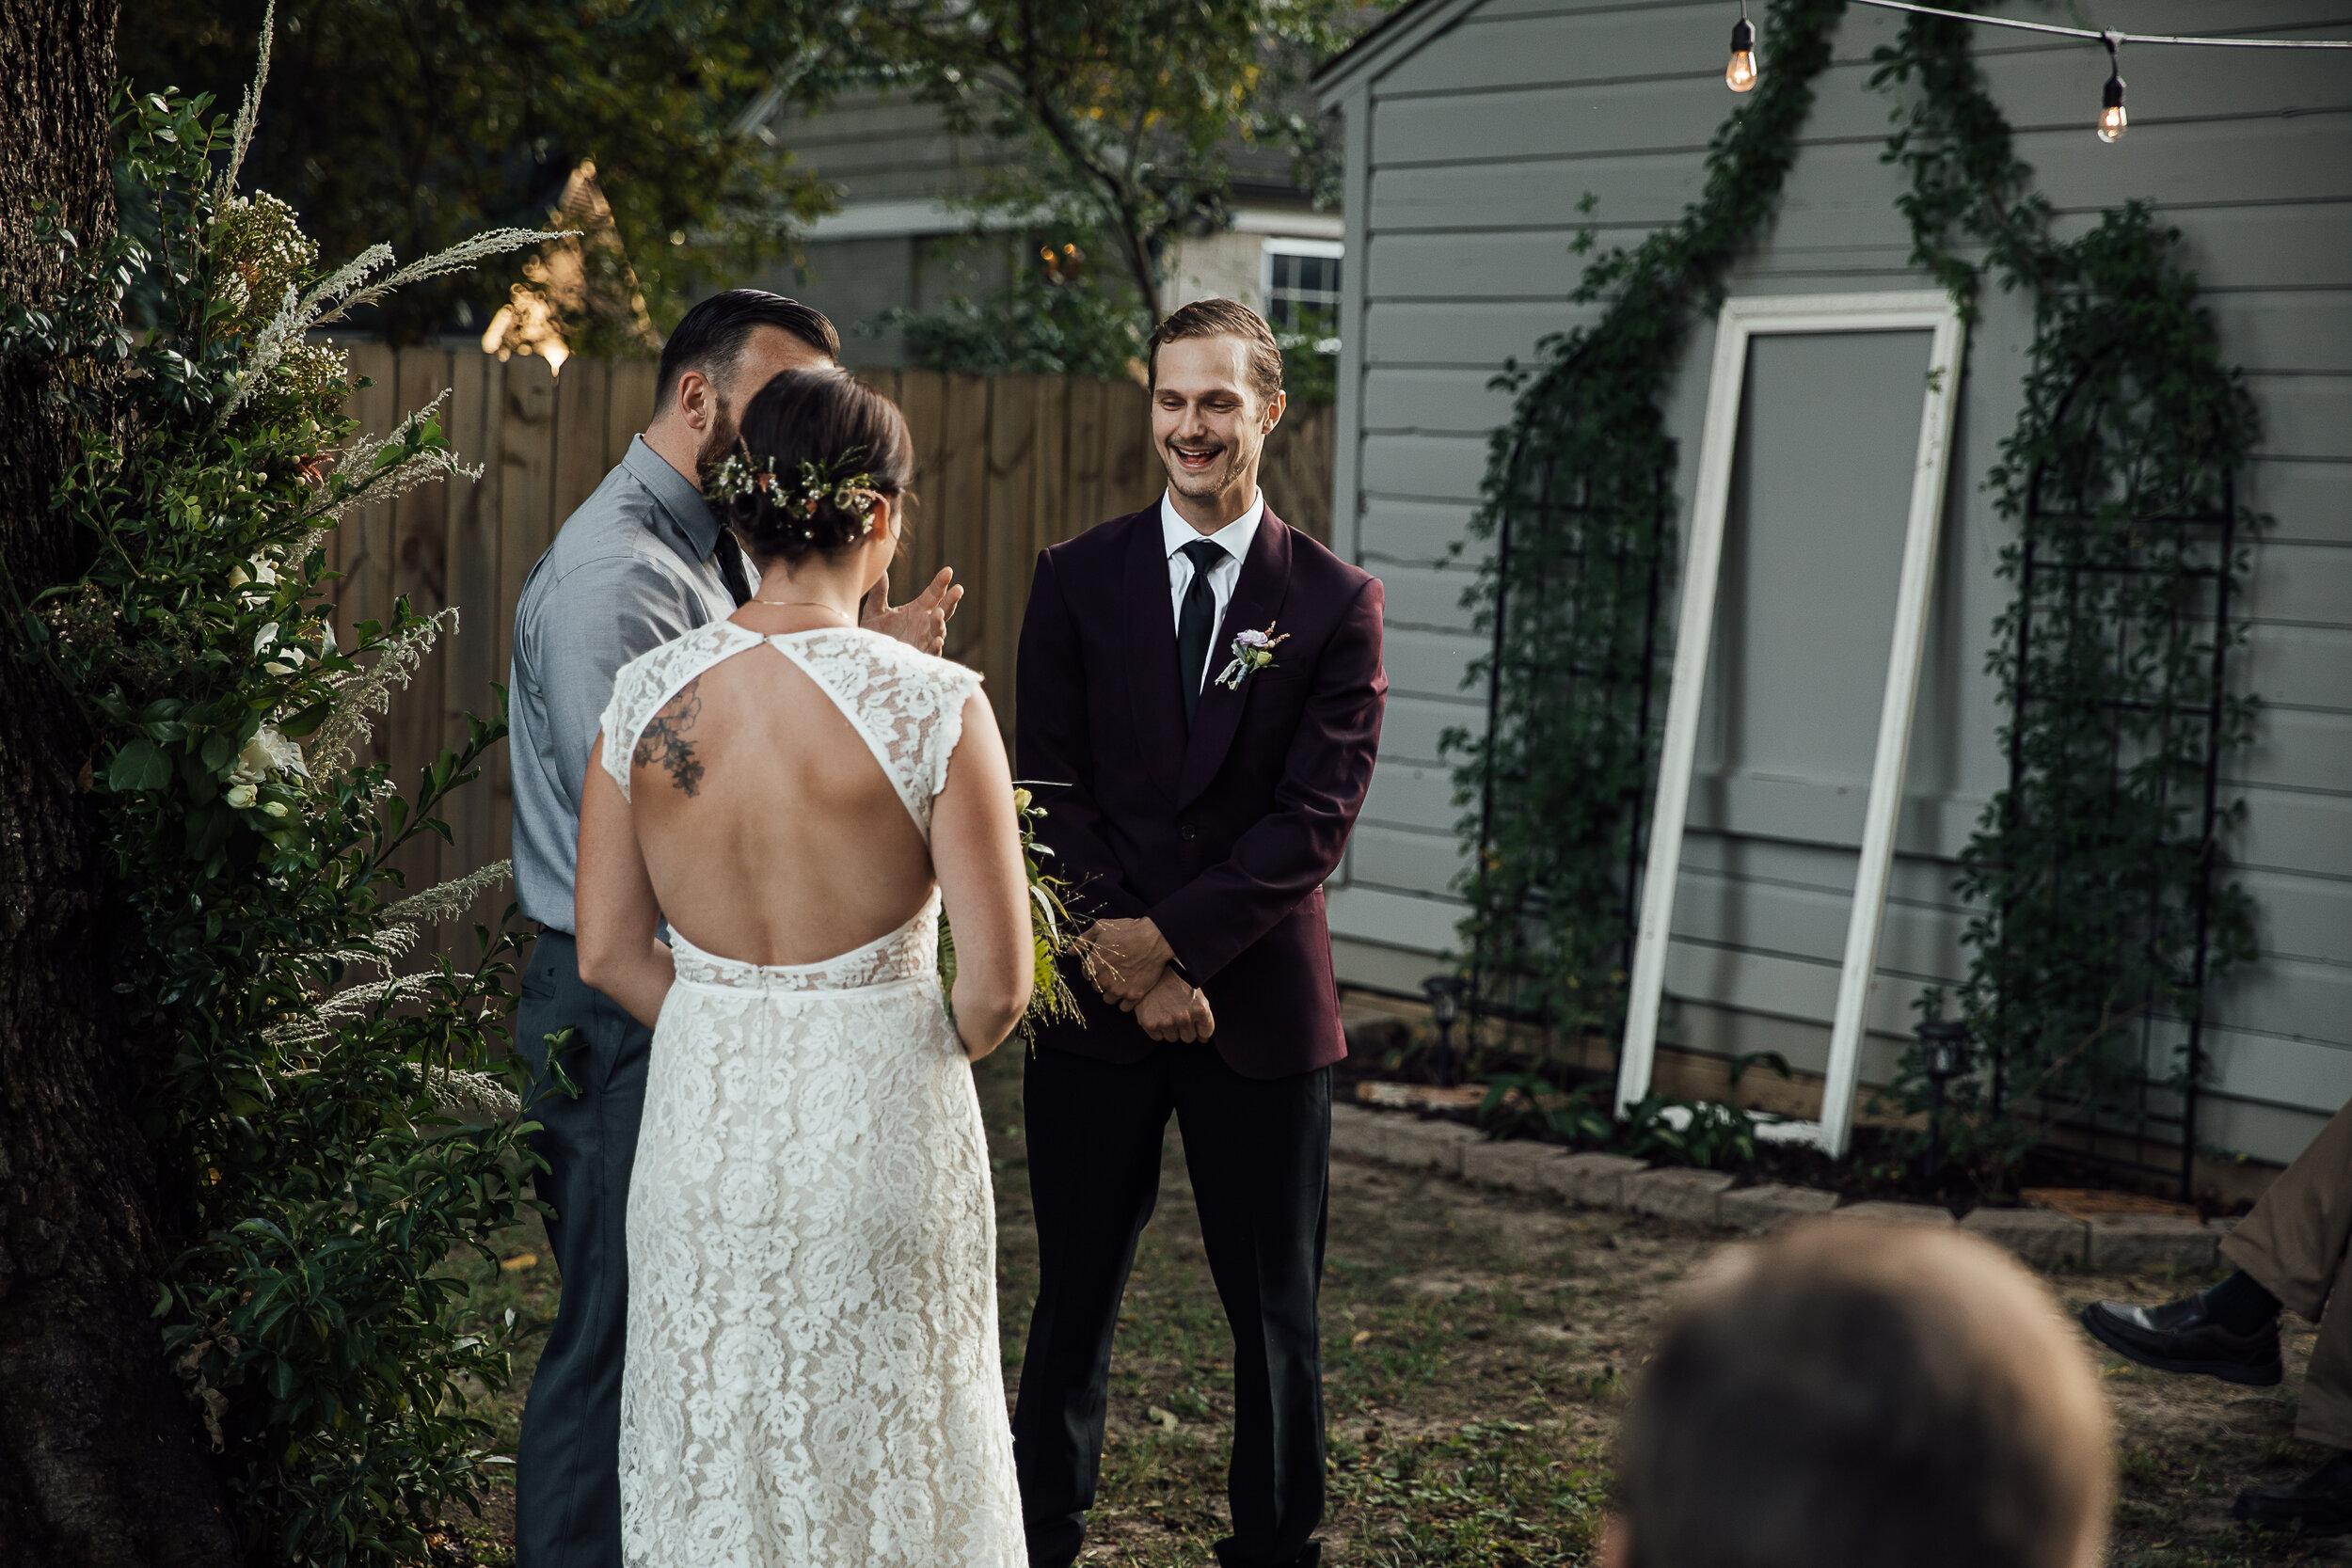 Allison-and-Wesley-Memphis-Backyard-Wedding-TheWarmthAroundYou-38.jpg